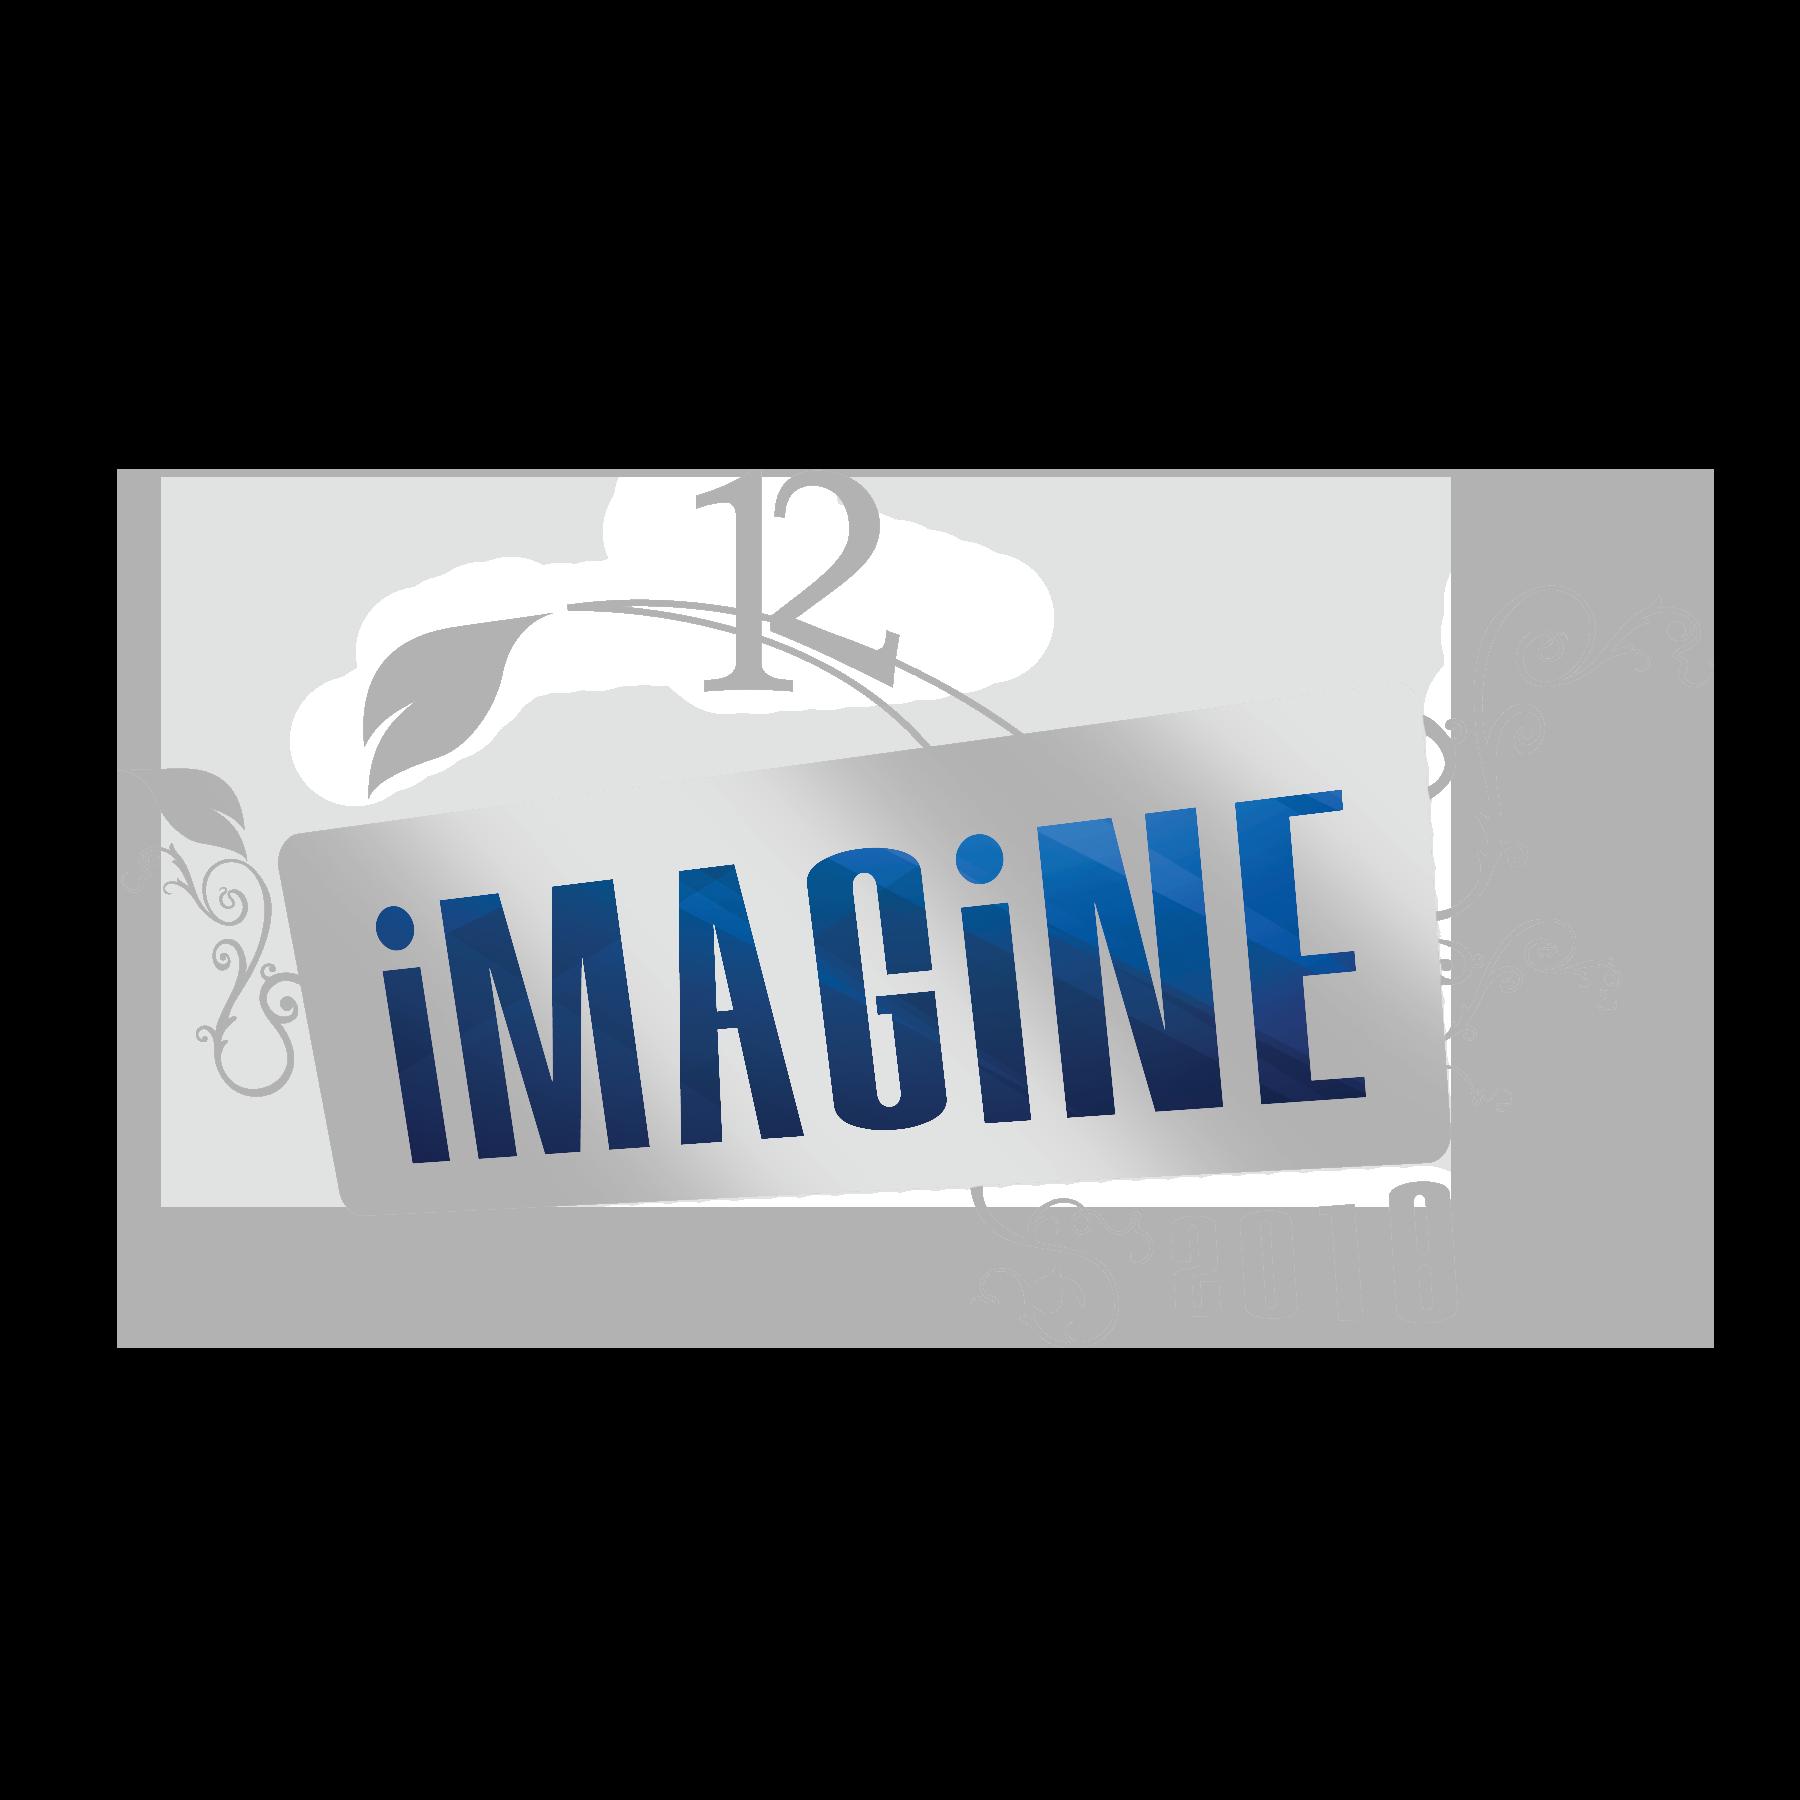 Imagine Logo_Silver